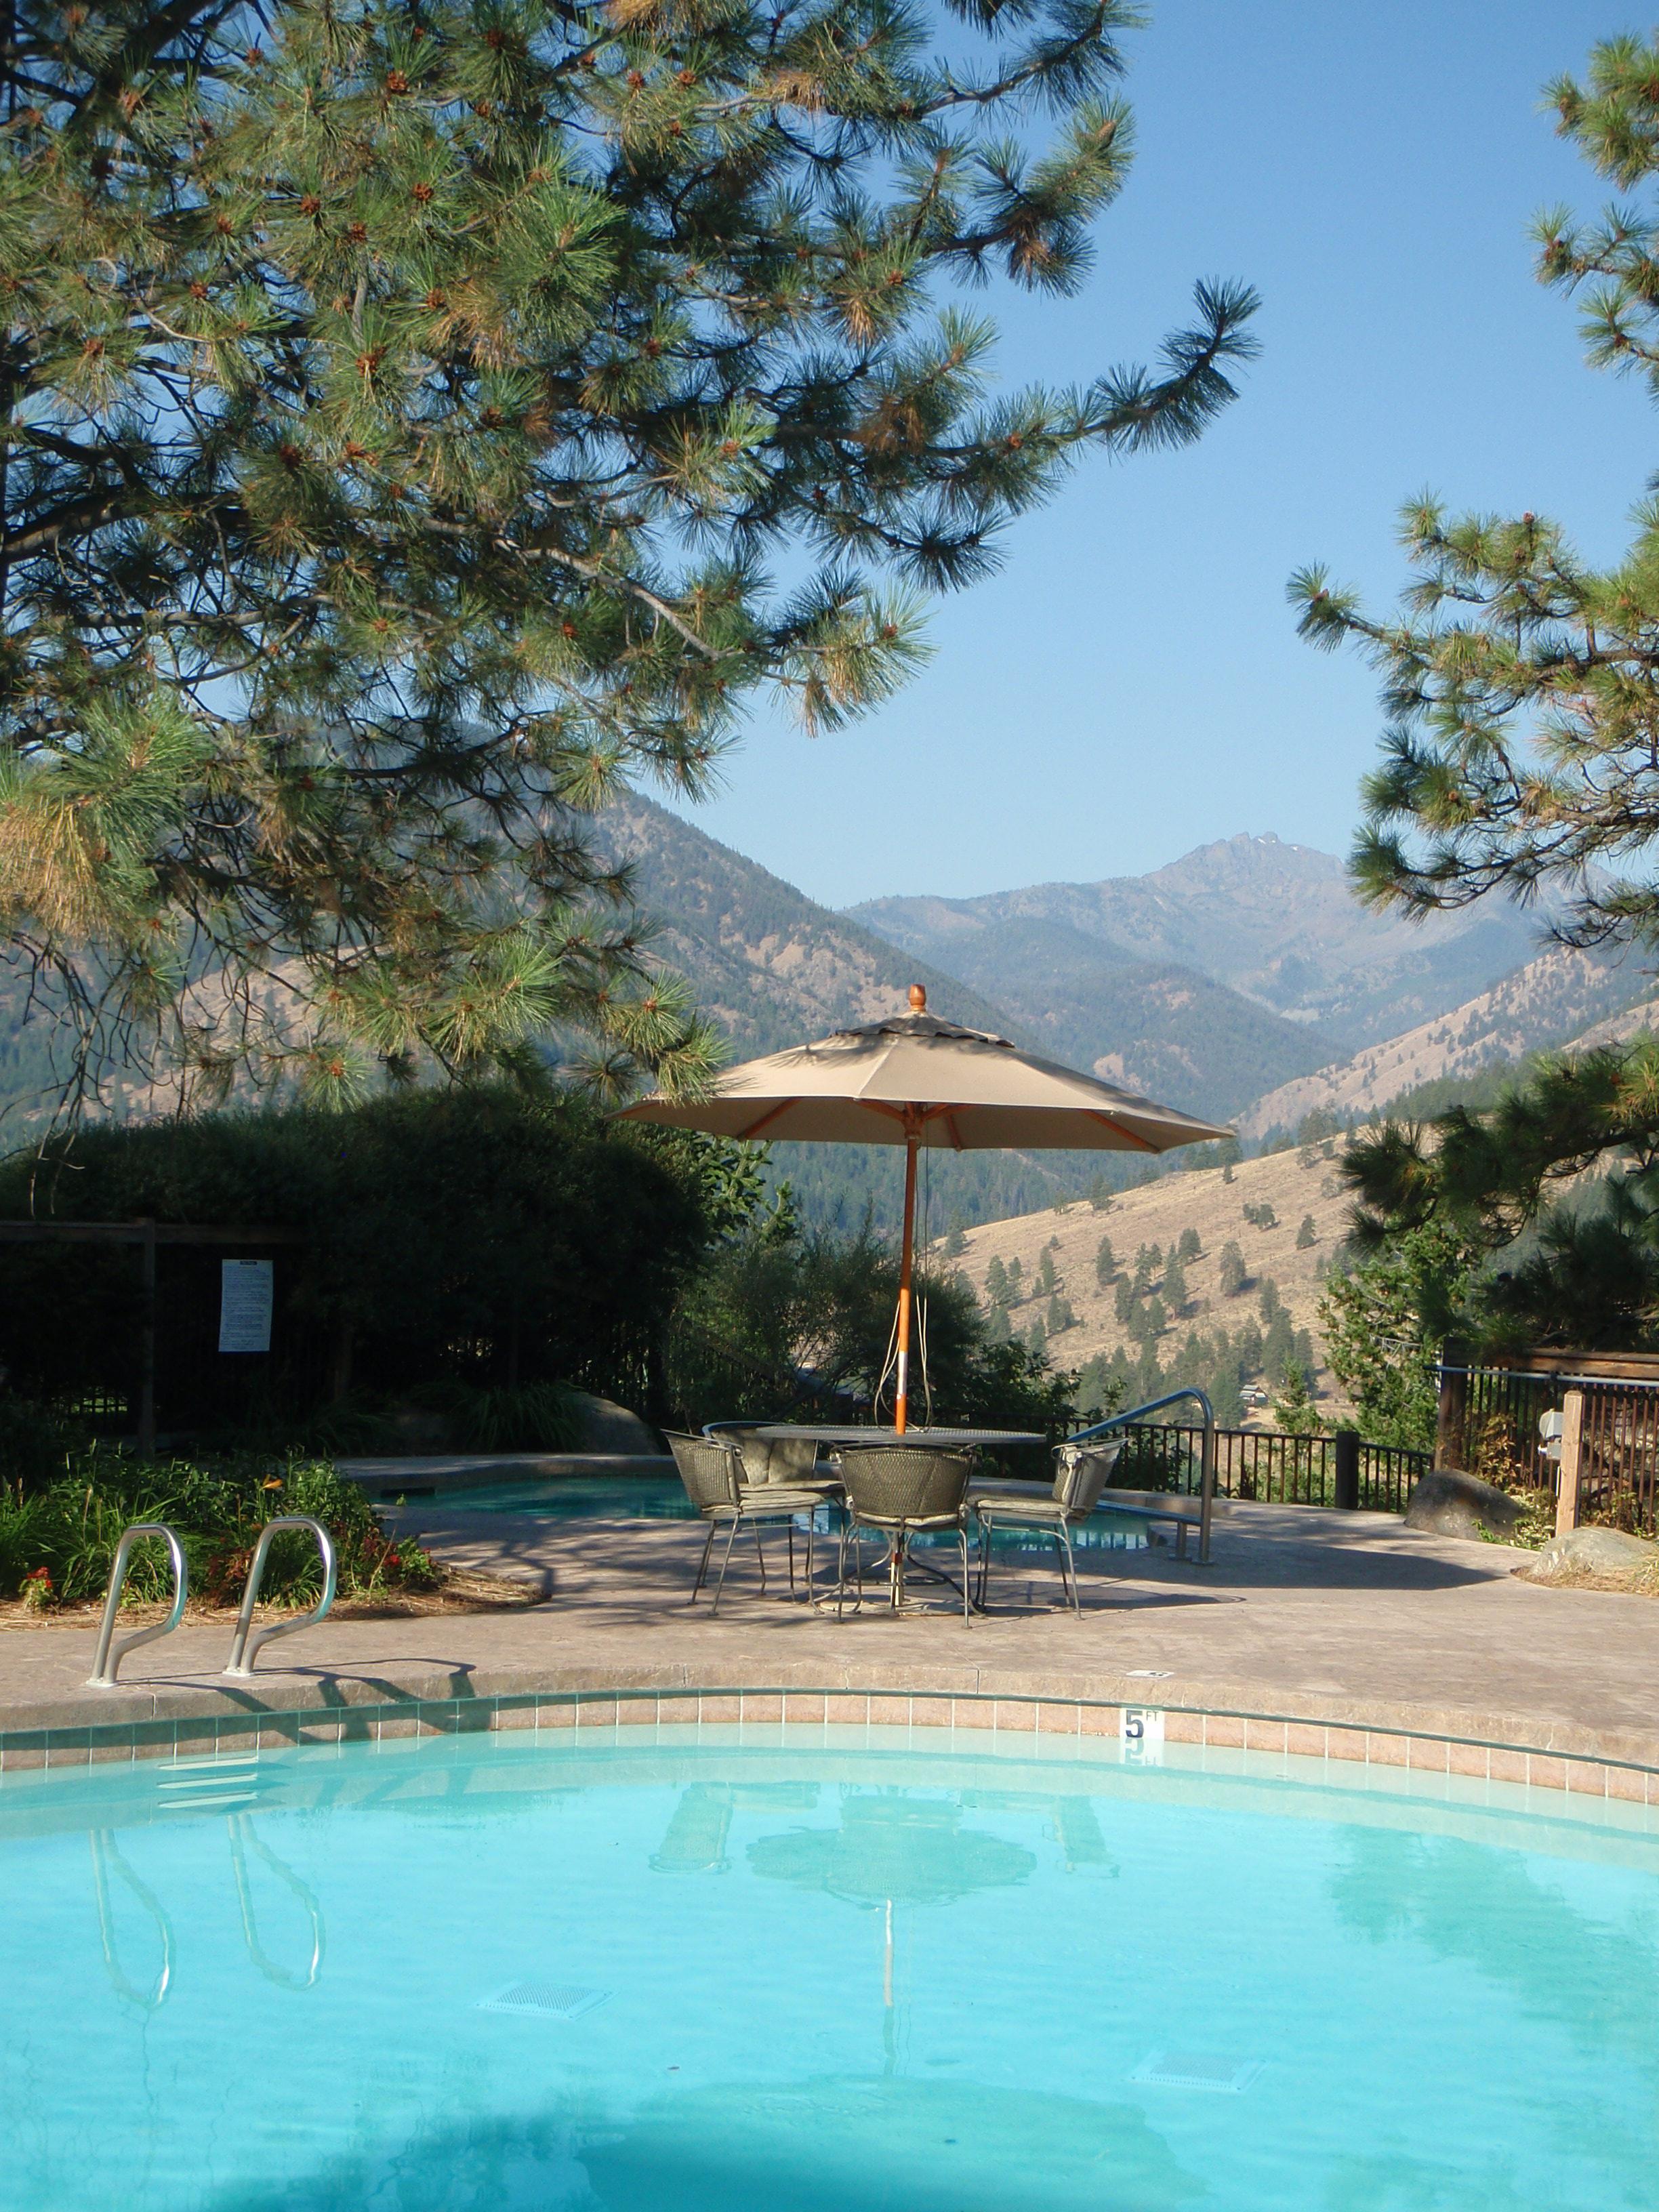 Pool view at Sun Mountain Lodge, WA